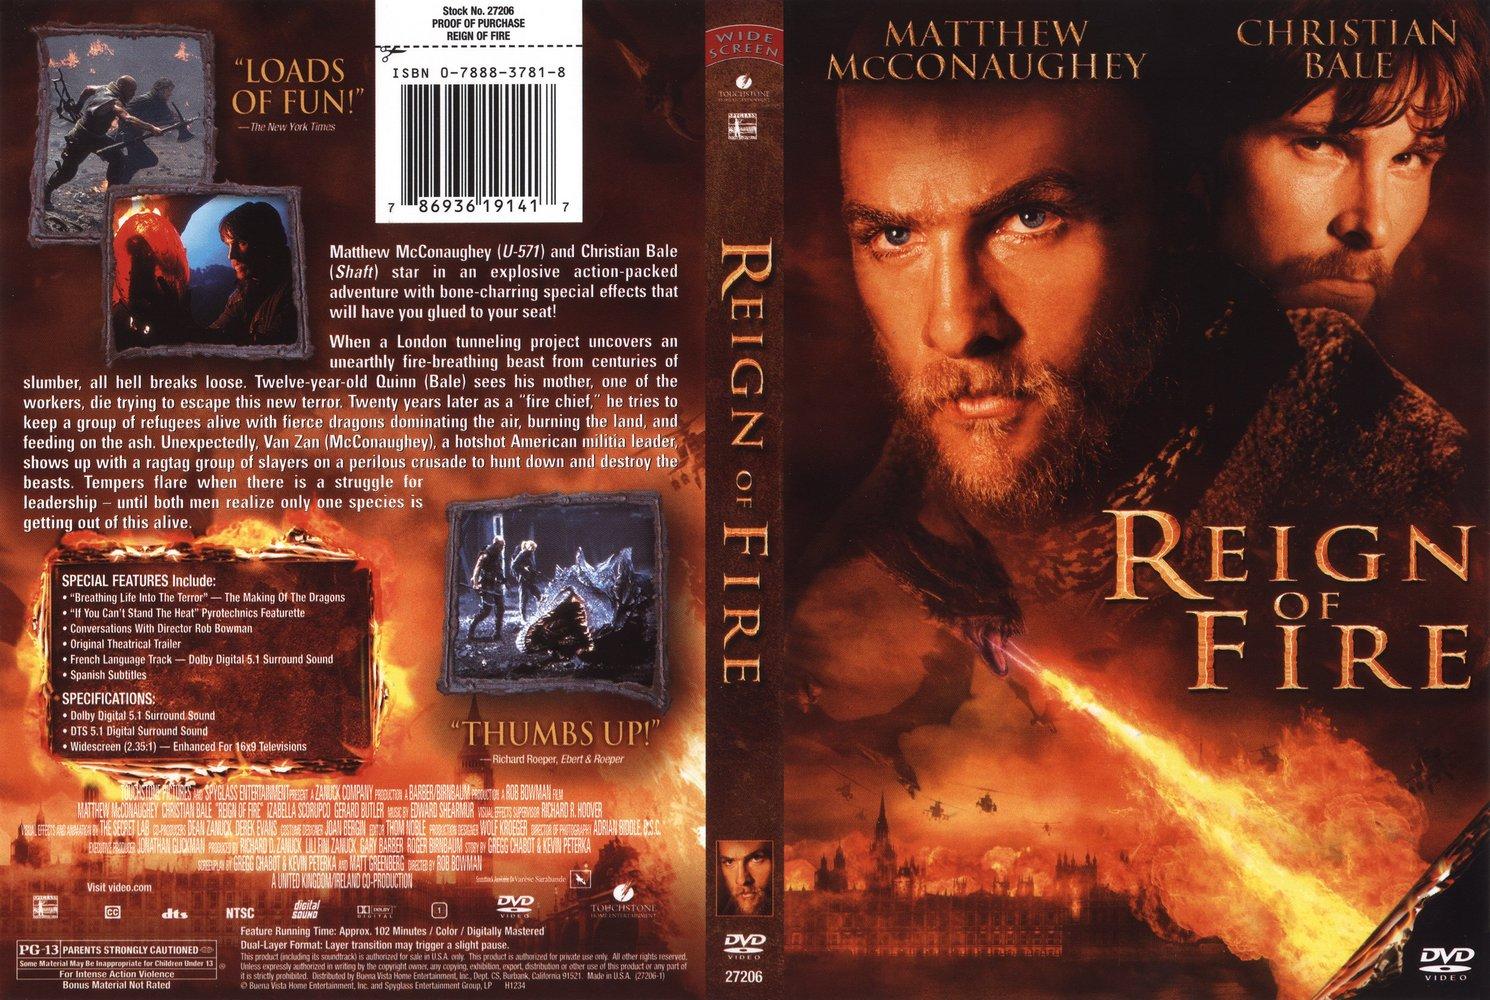 http://1.bp.blogspot.com/_-x-5Smo6aMo/TQ4ApZ70t_I/AAAAAAAAA88/1eIwuW5gN3M/s1600/reign_of_fire.jpg